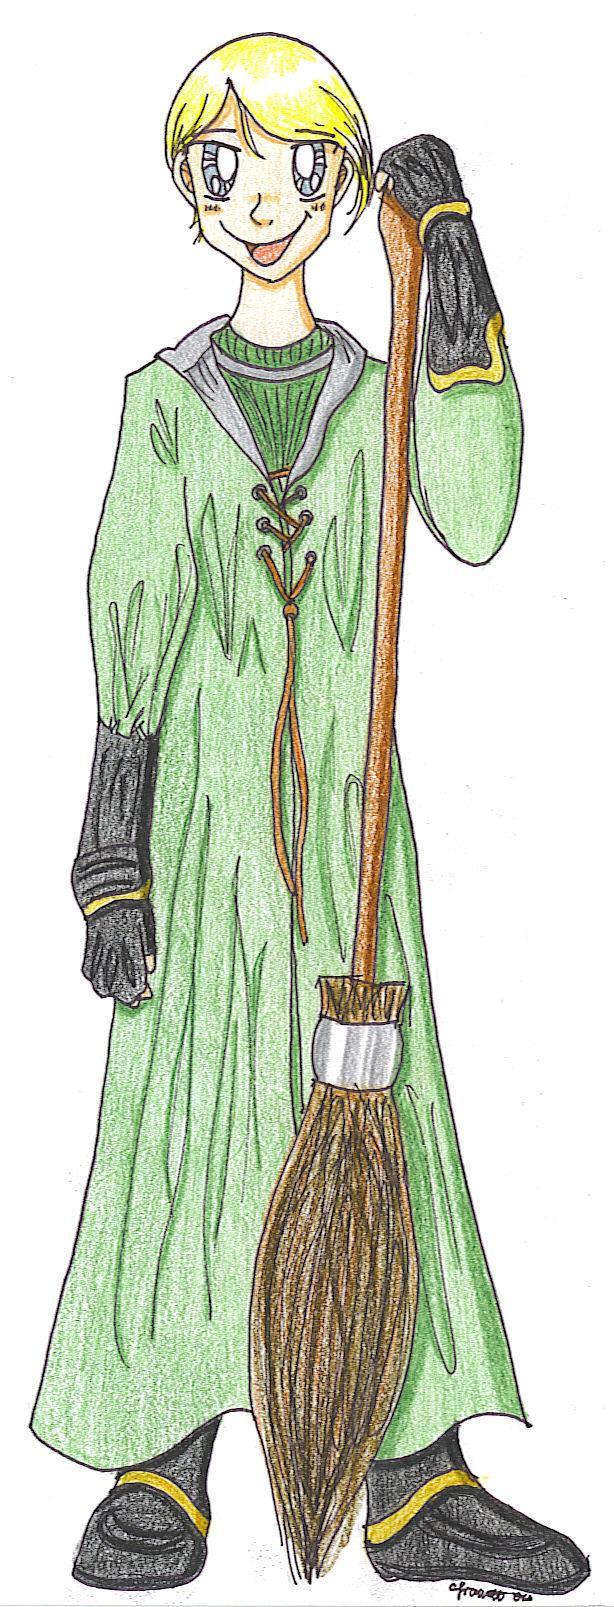 Draco Malfoy by melodythelittlepony